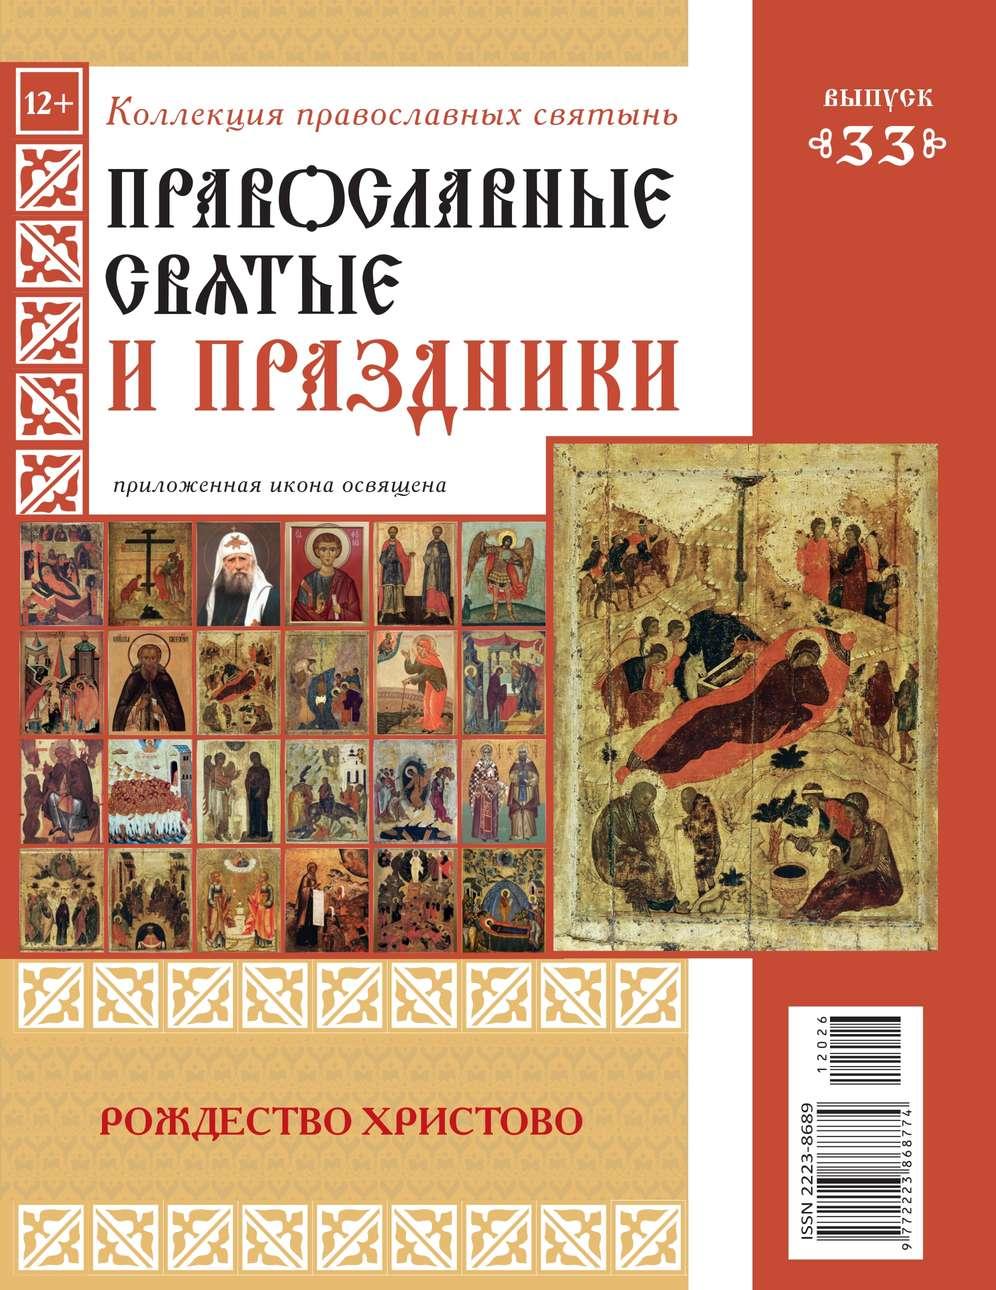 Редакция журнала Коллекция Православных Святынь Коллекция Православных Святынь 33 коллекция